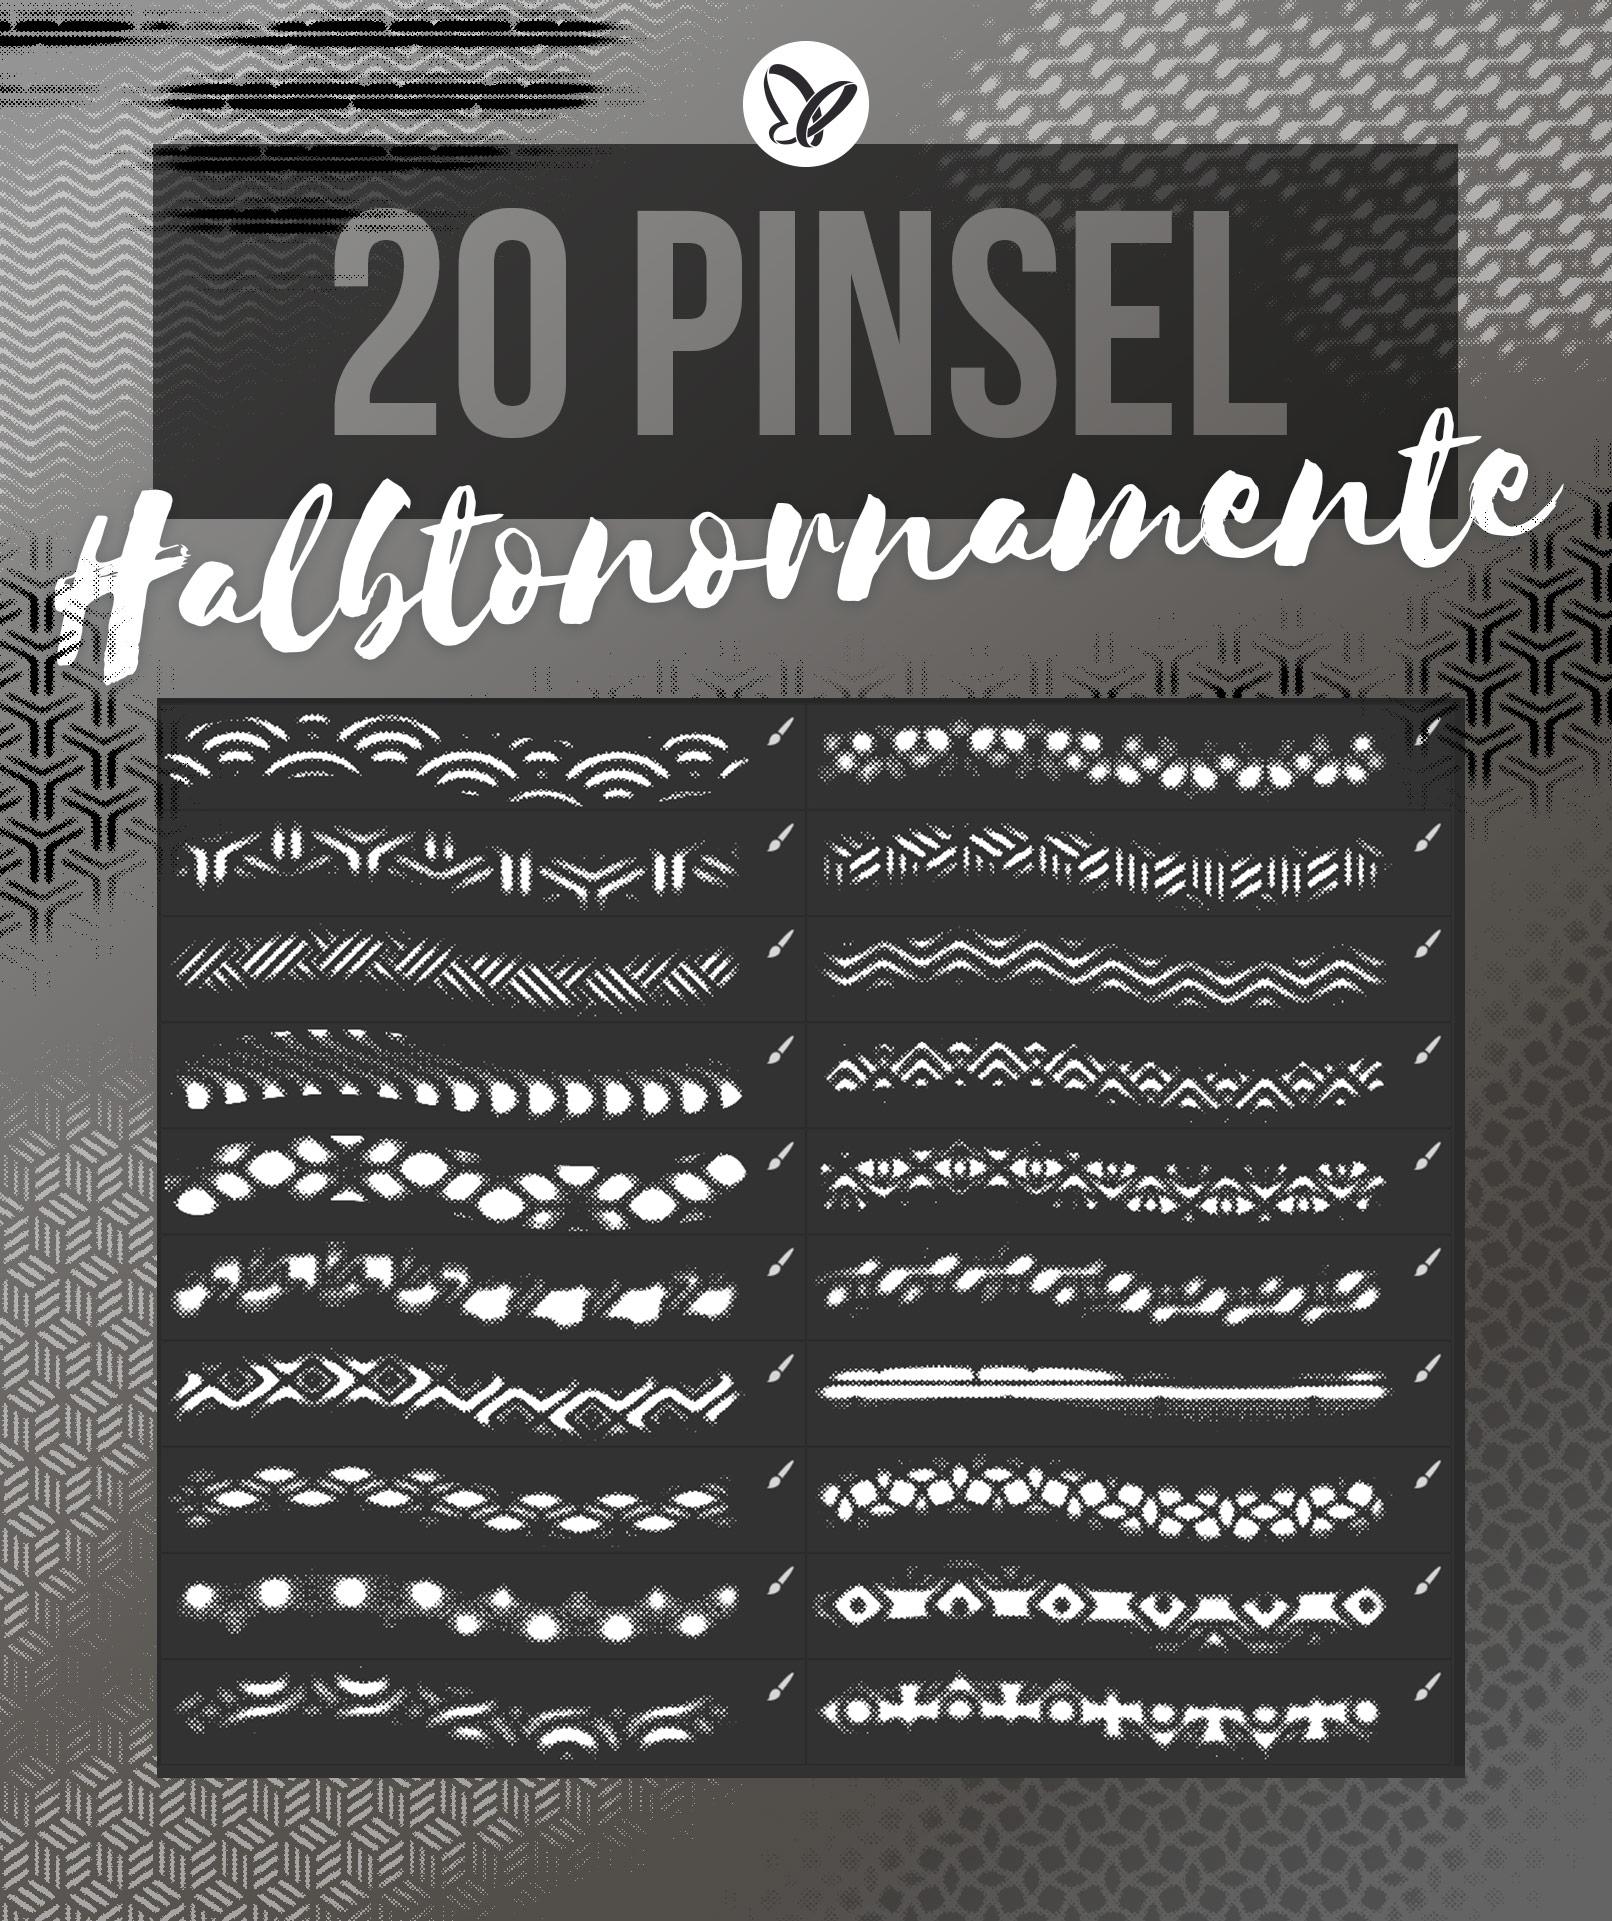 20 Pinsel für Photoshop mit Halbtonornamenten